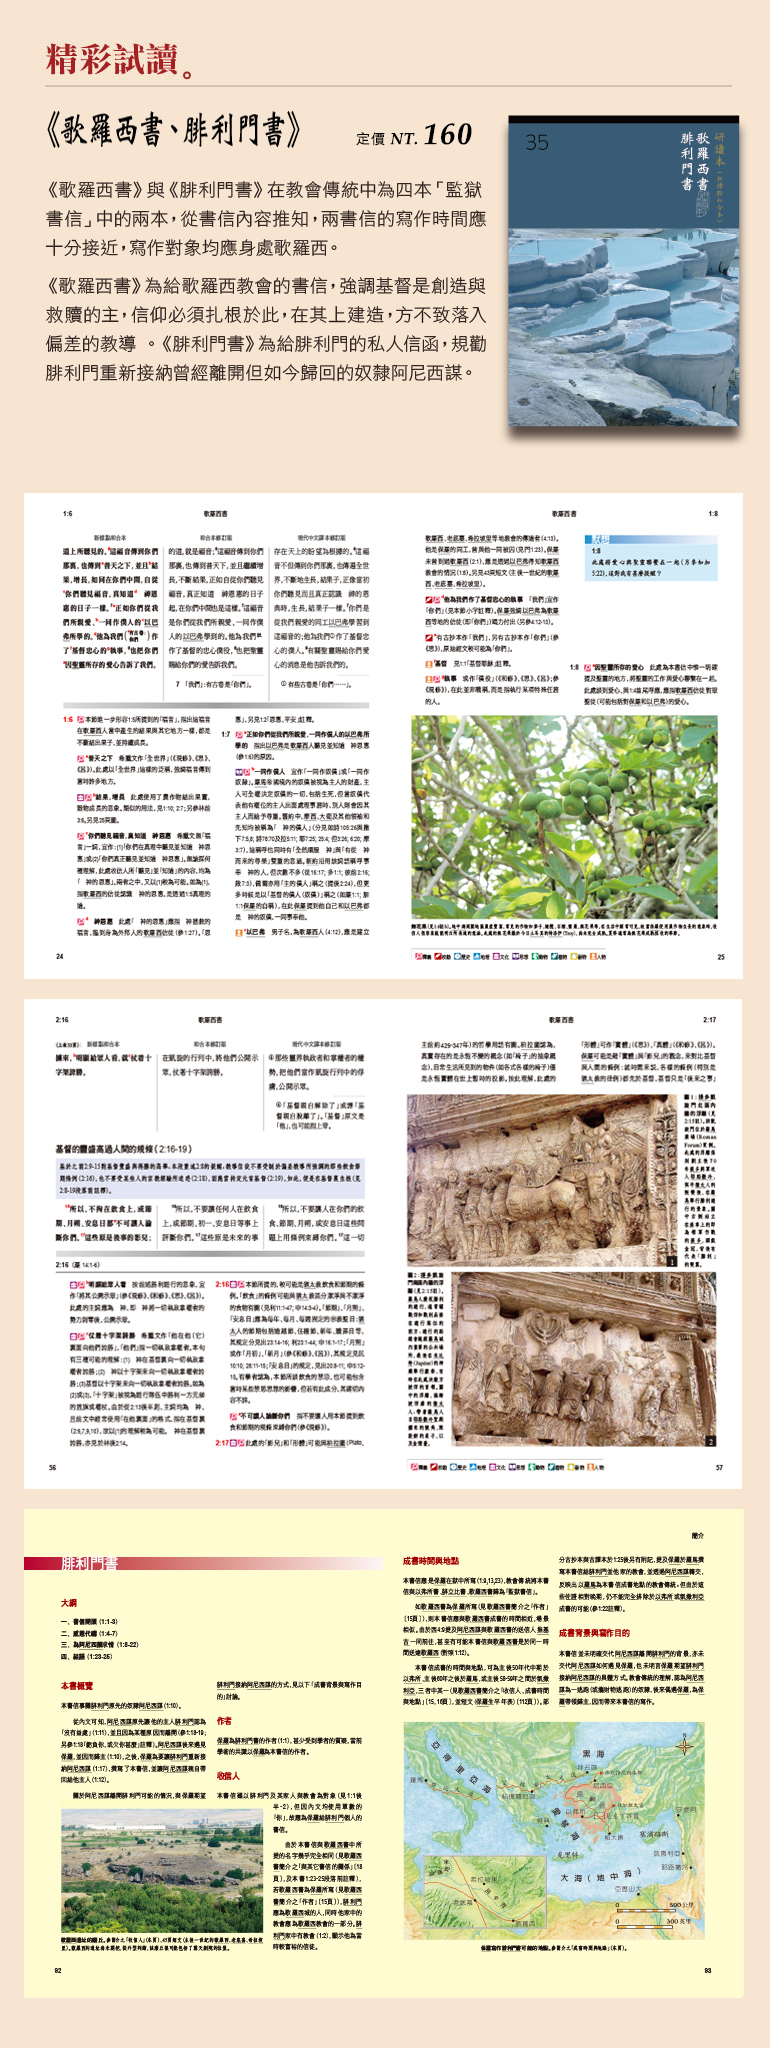 研讀本標準版 — 35 歌羅西書‧腓利門書‧繁體版 – 臺灣聖經公會